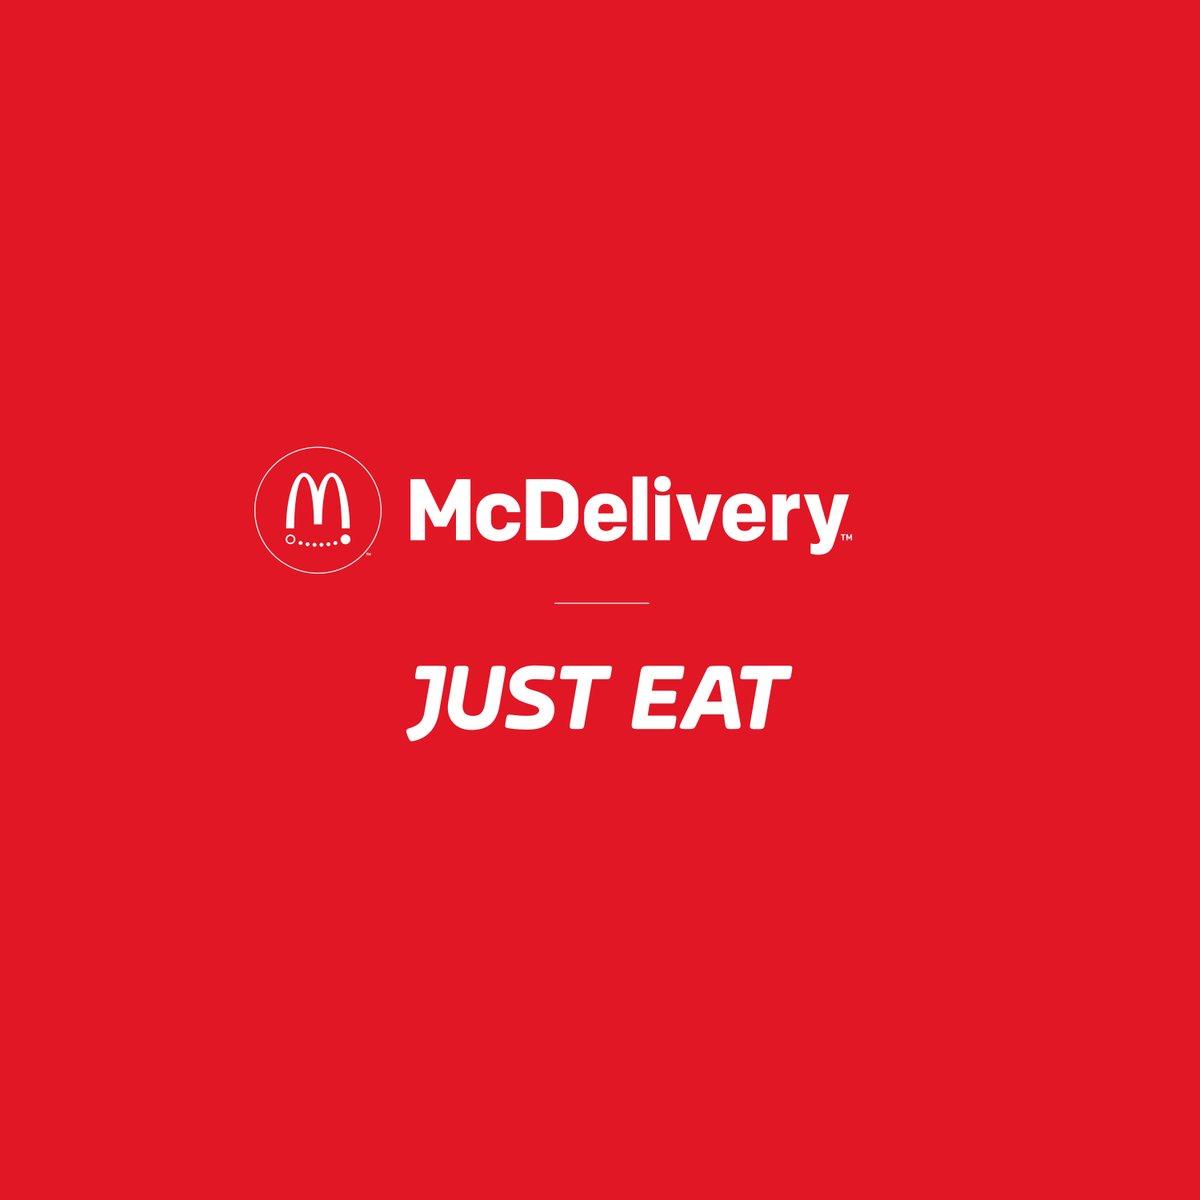 Just Eat Uk At Justeatuk Twitter